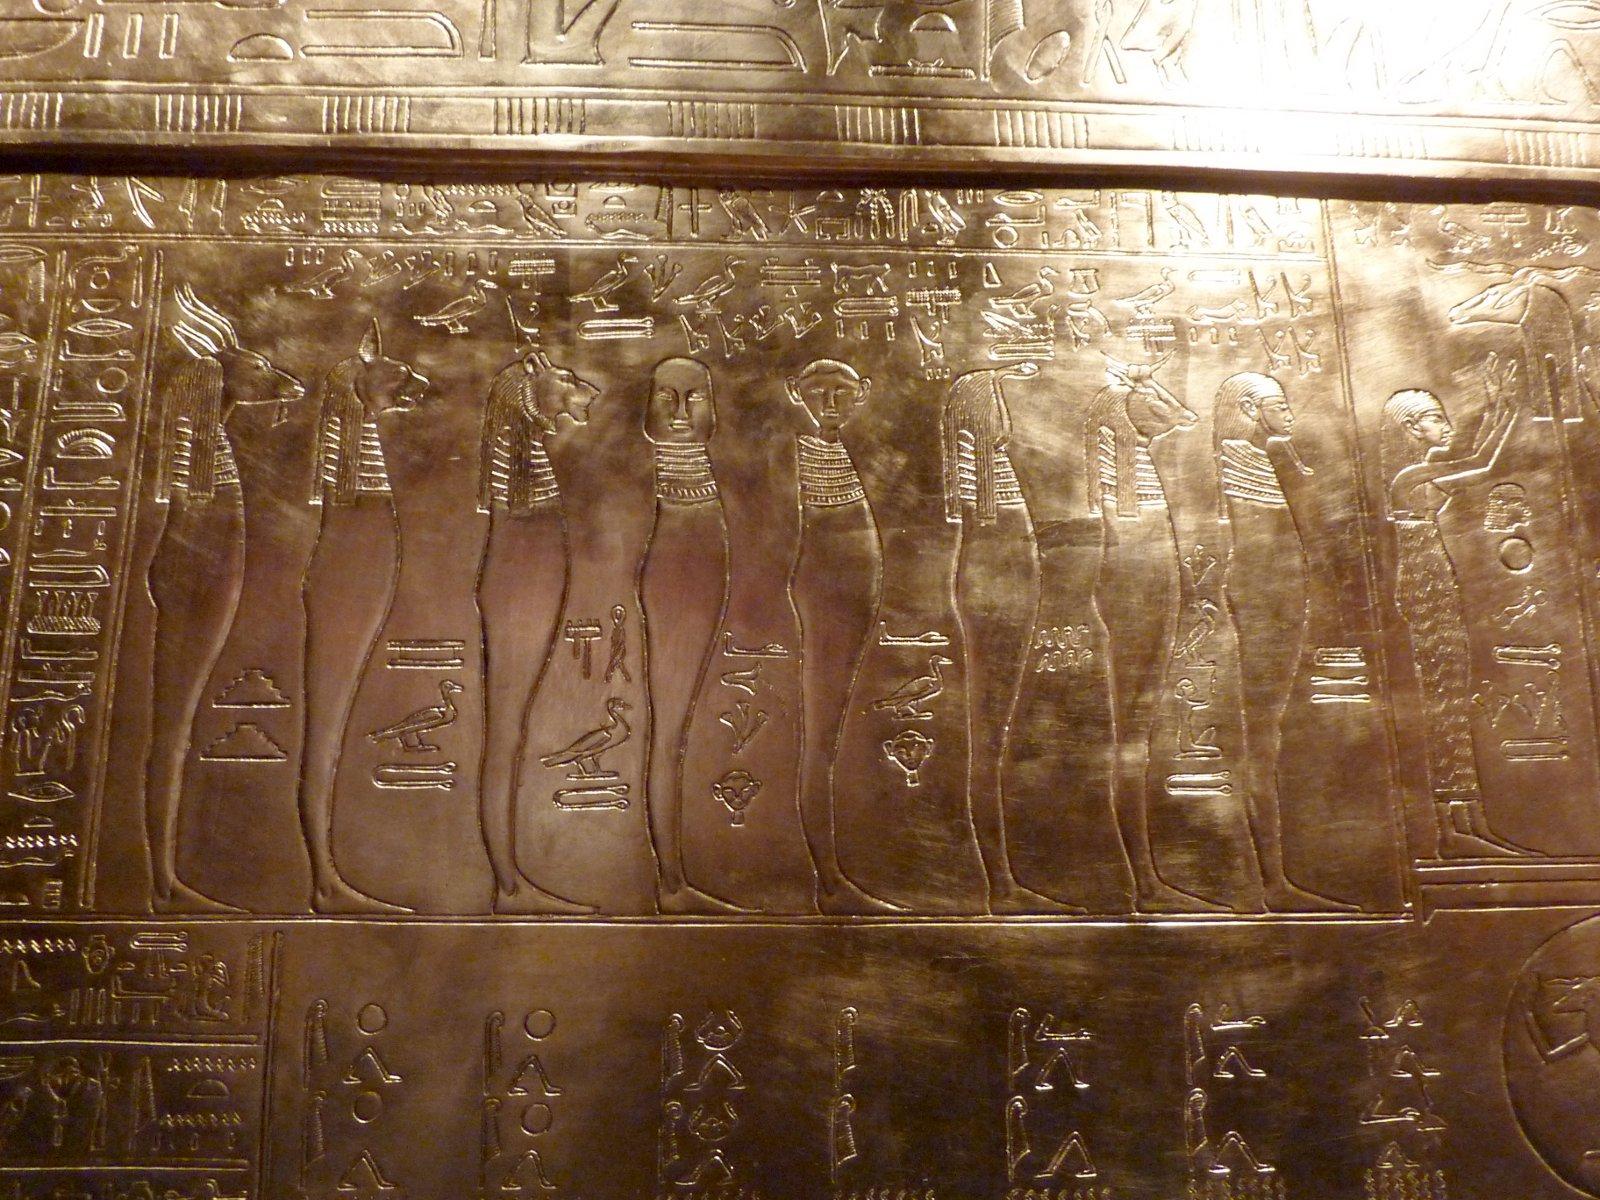 египетские артефакты фото перевода если